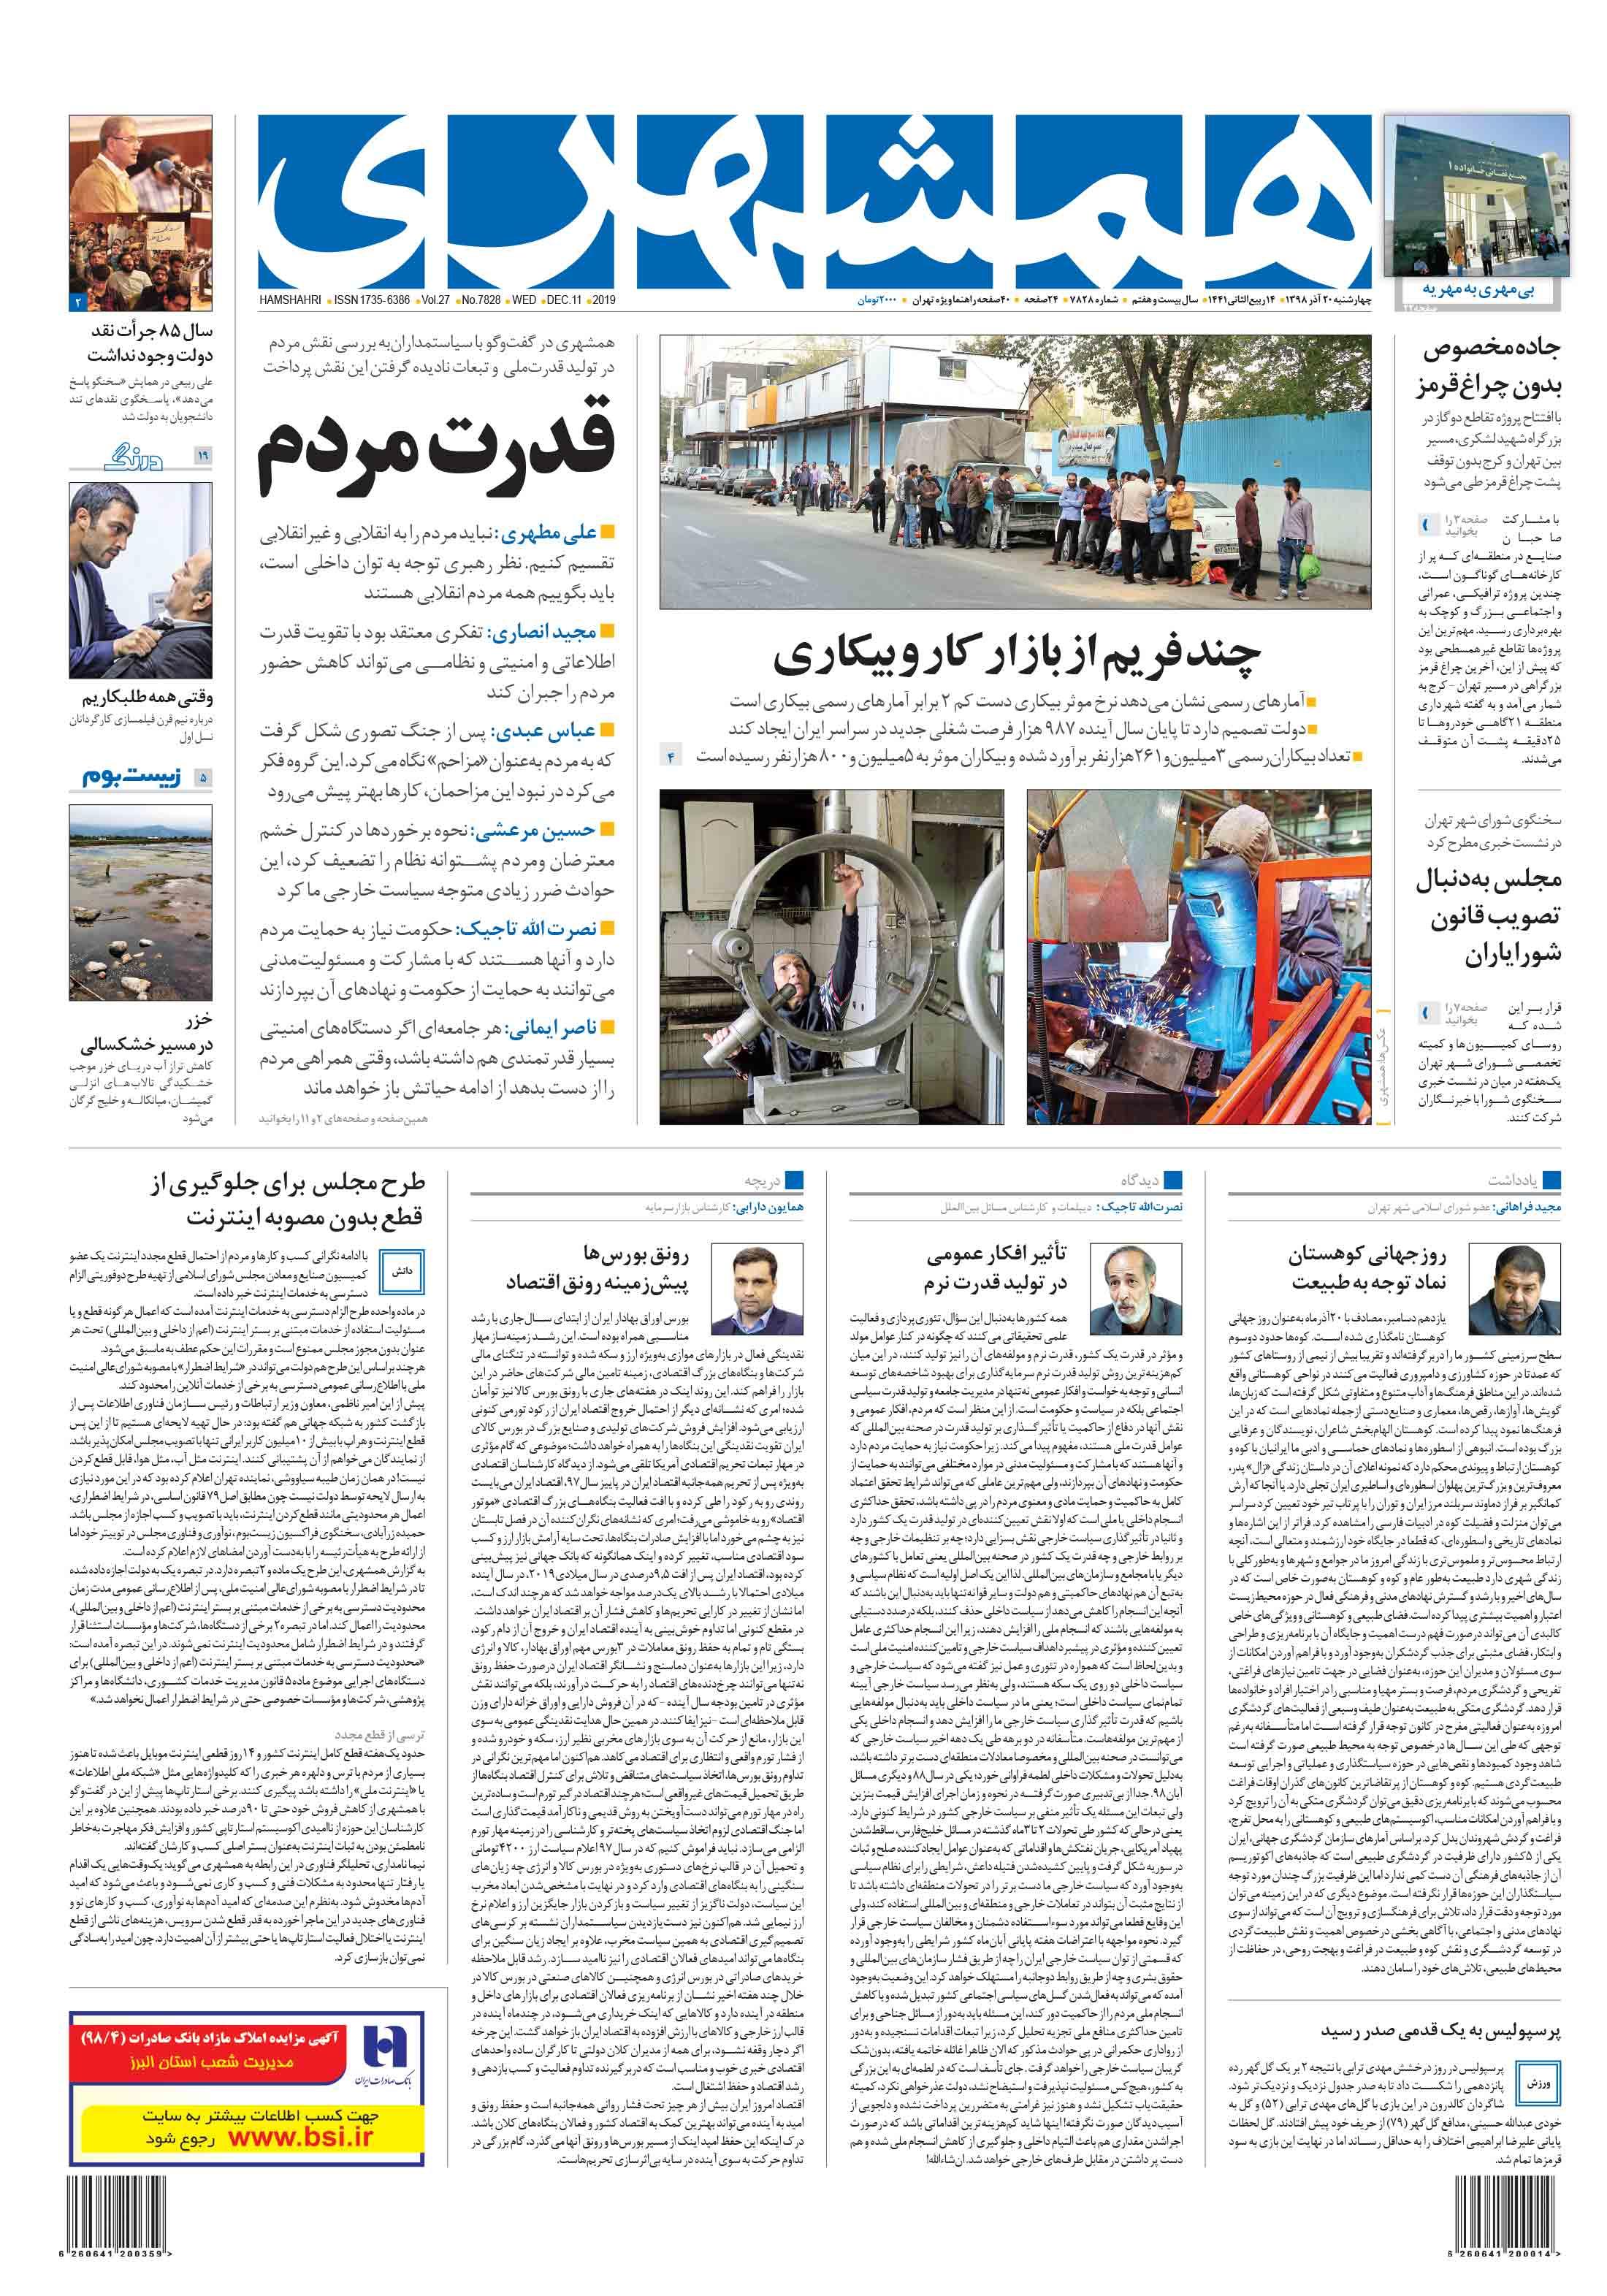 صفحه اول چهارشنبه 20 آذر 1398